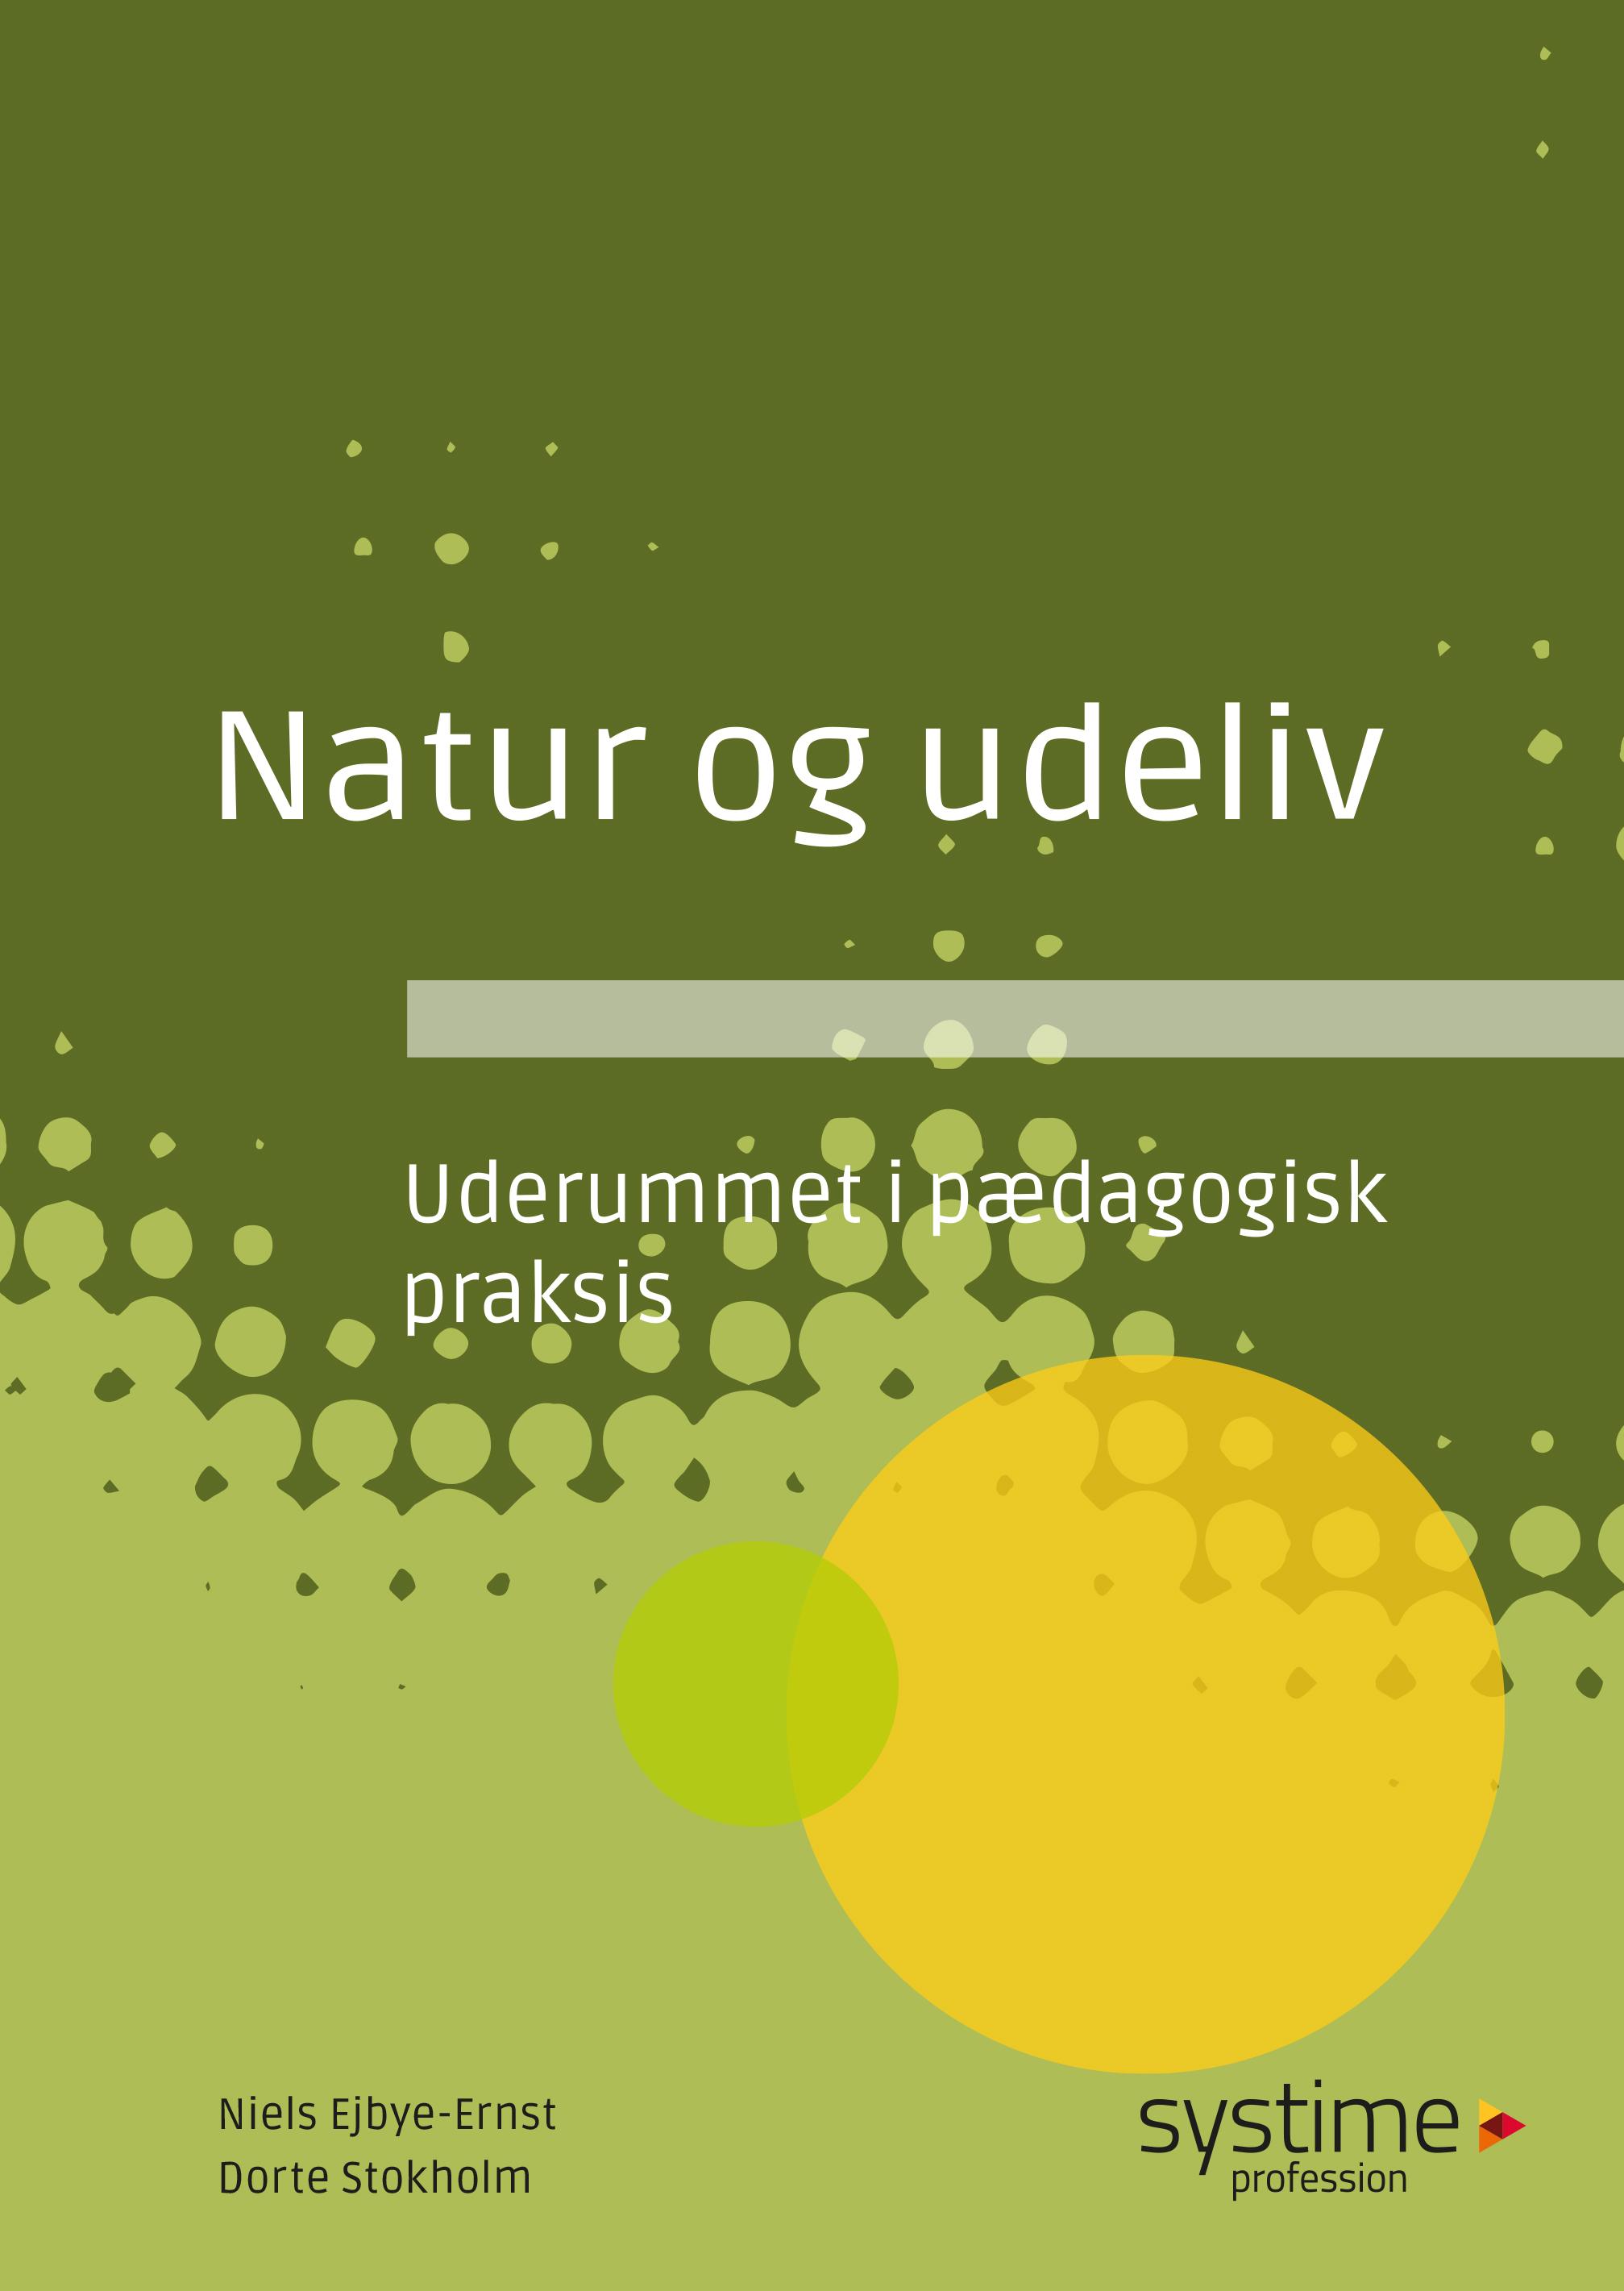 Natur og udeliv